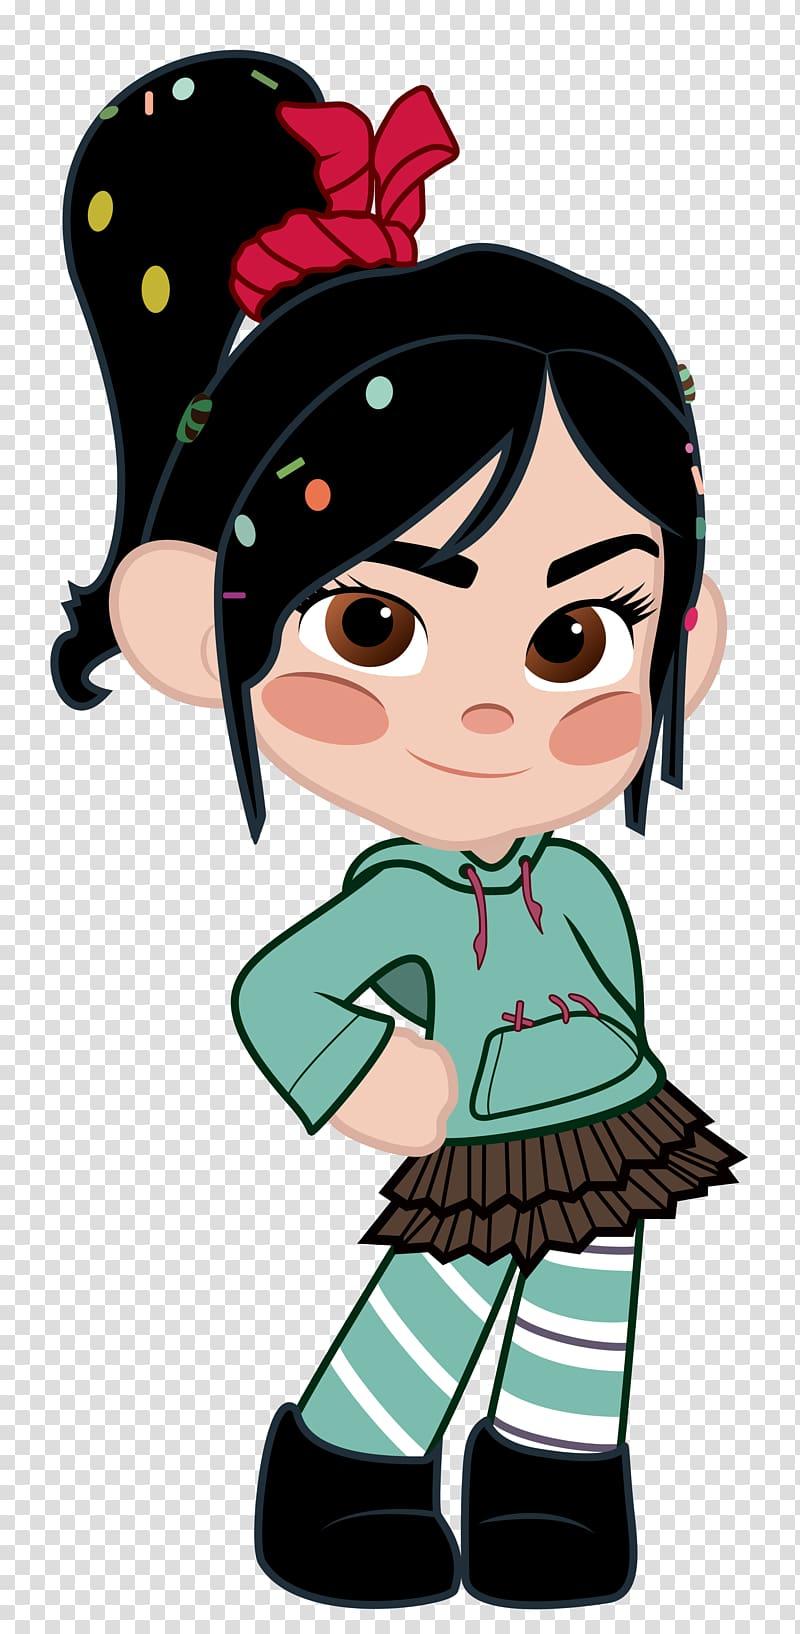 Vanellope von Schweetz Character Animation Disney Princess.